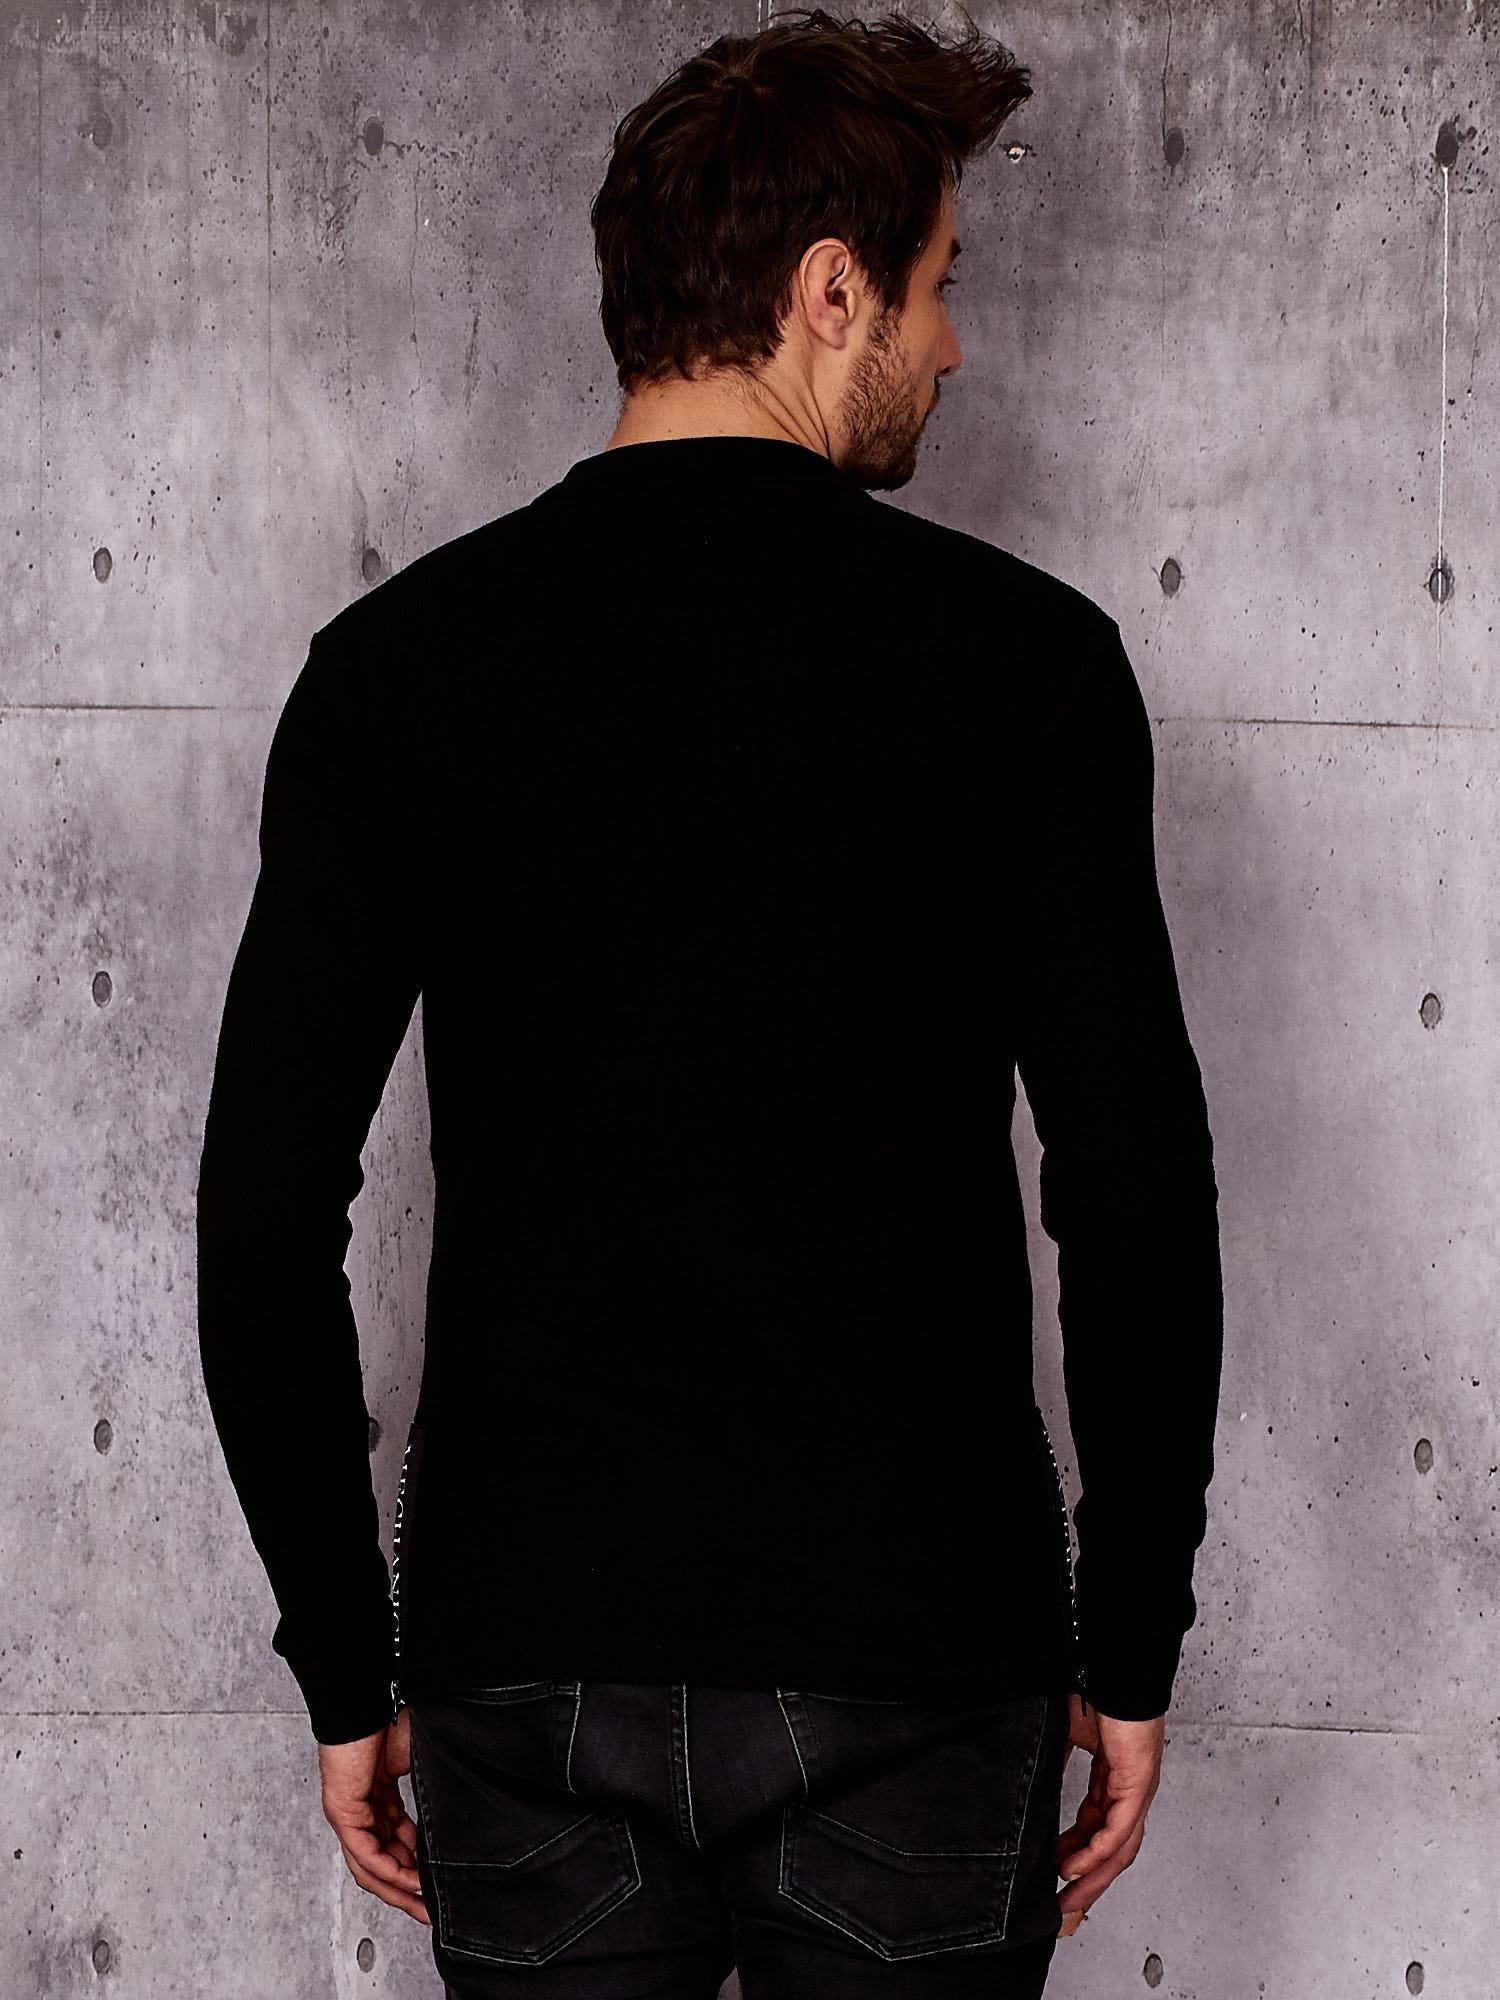 9341892663dd Czarna bluzka męska z kołnierzykiem i mankietami - Mężczyźni bluzka ...